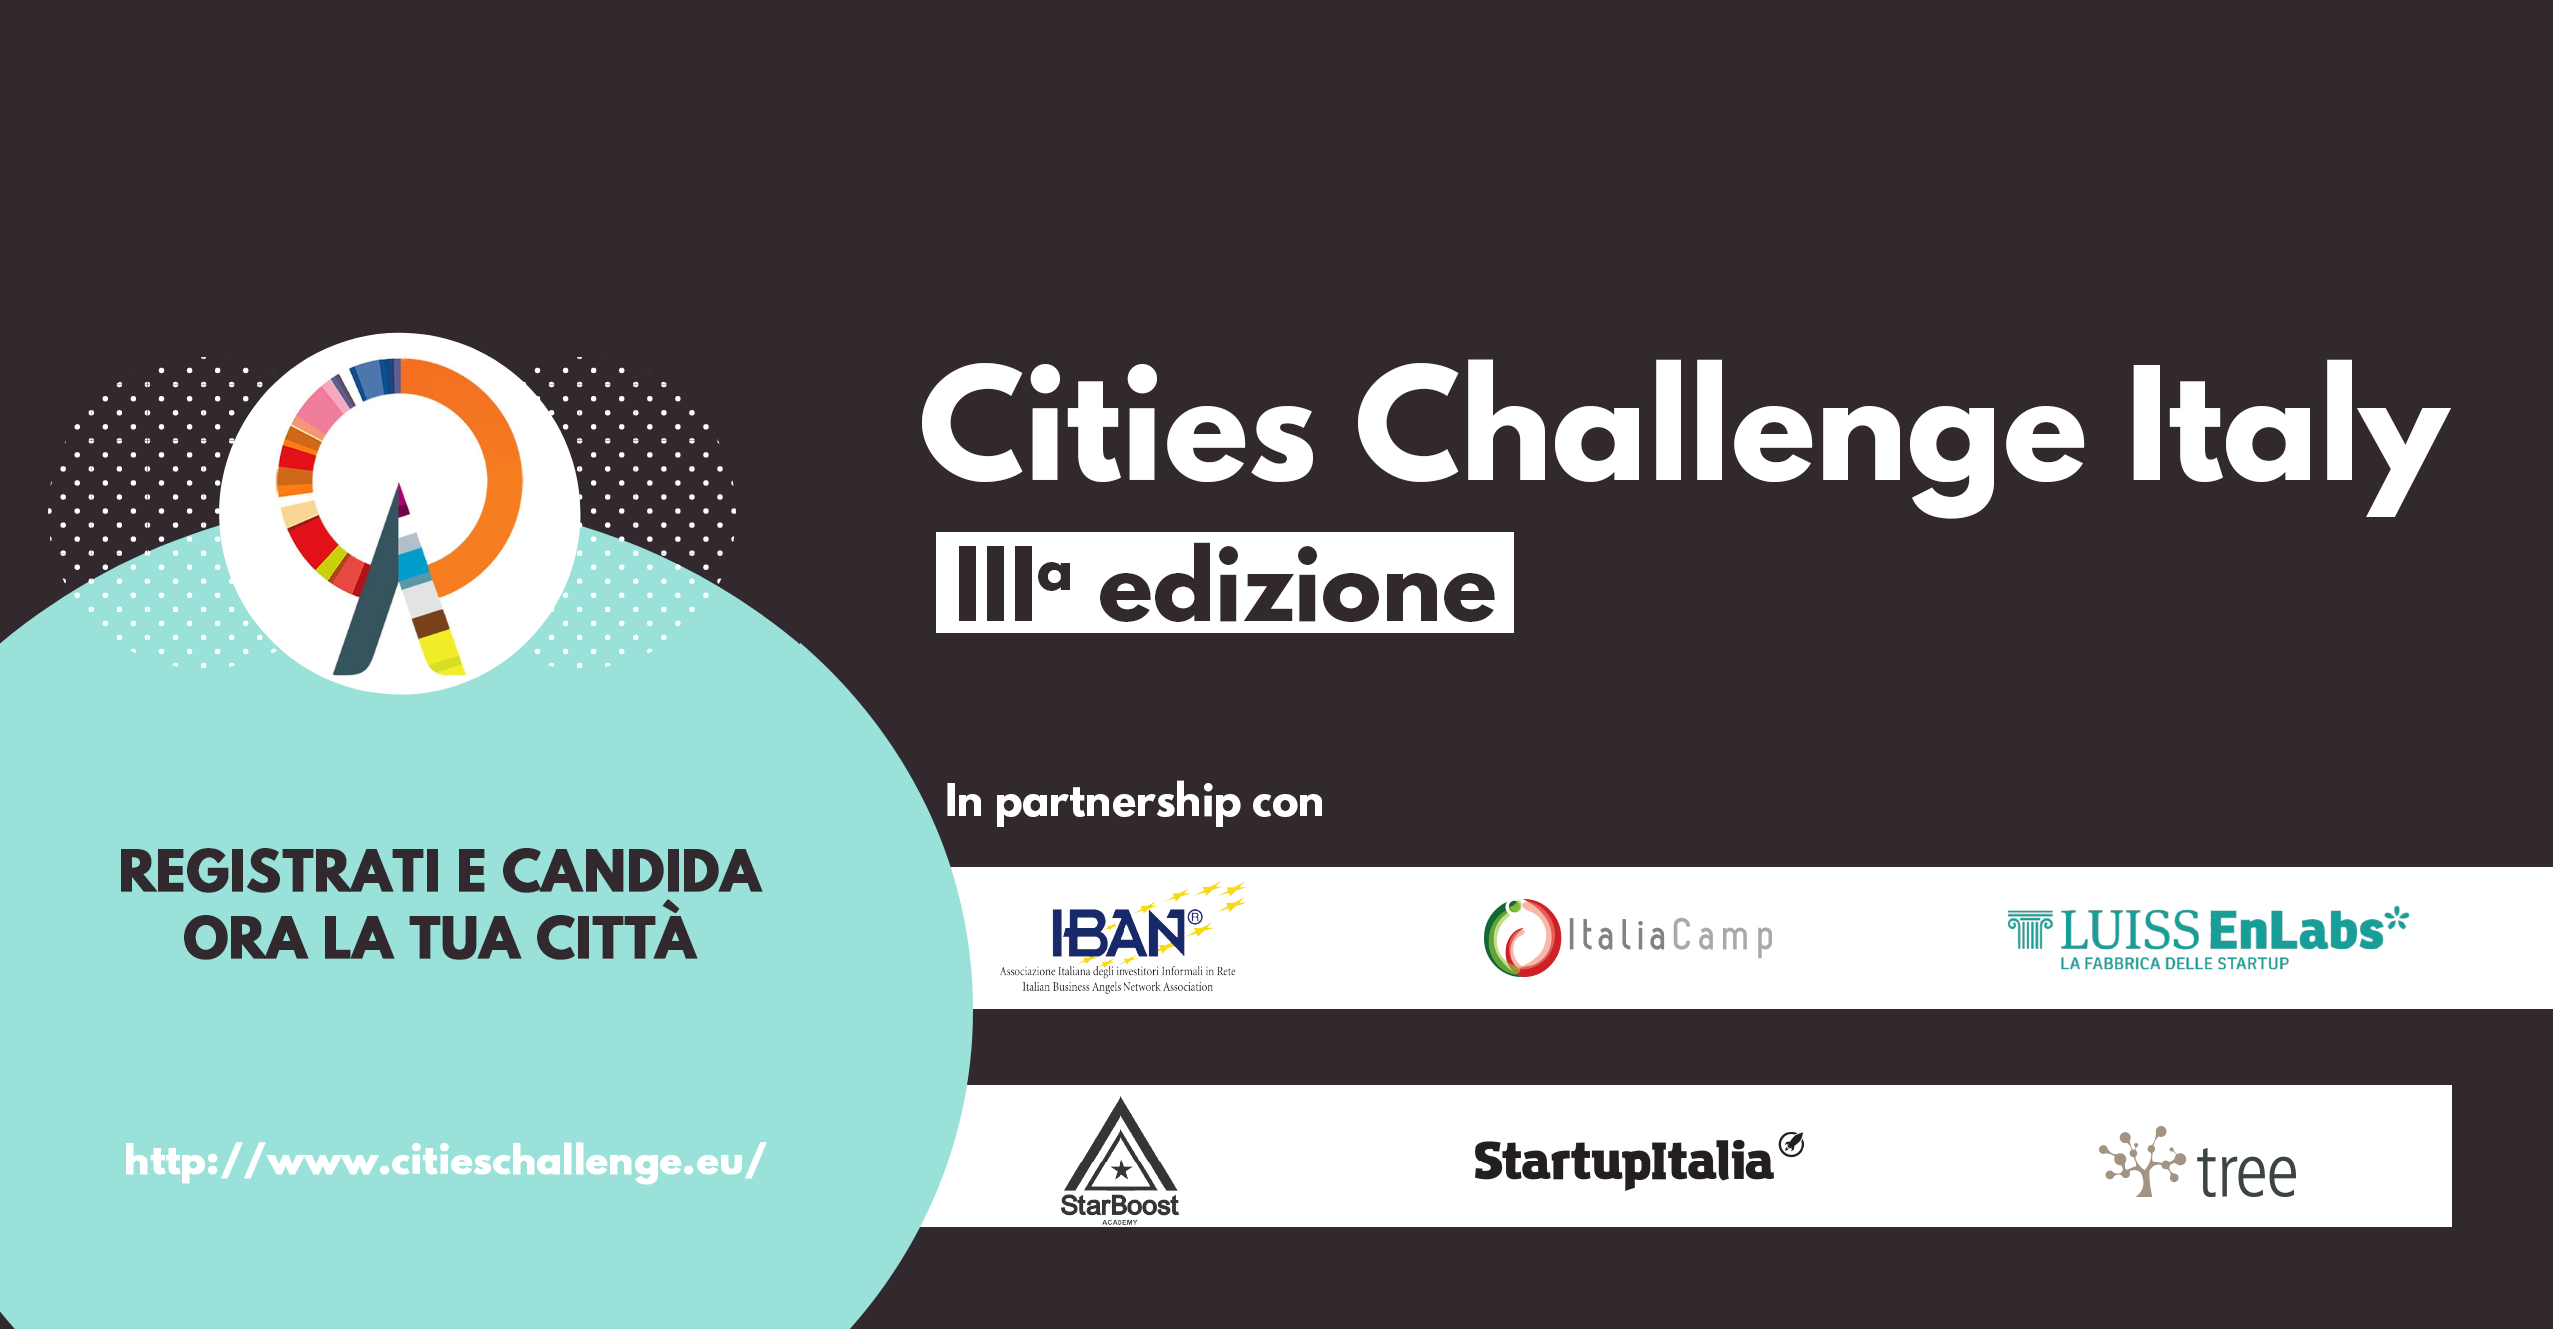 Cities Challenge Italy Terza Edizione